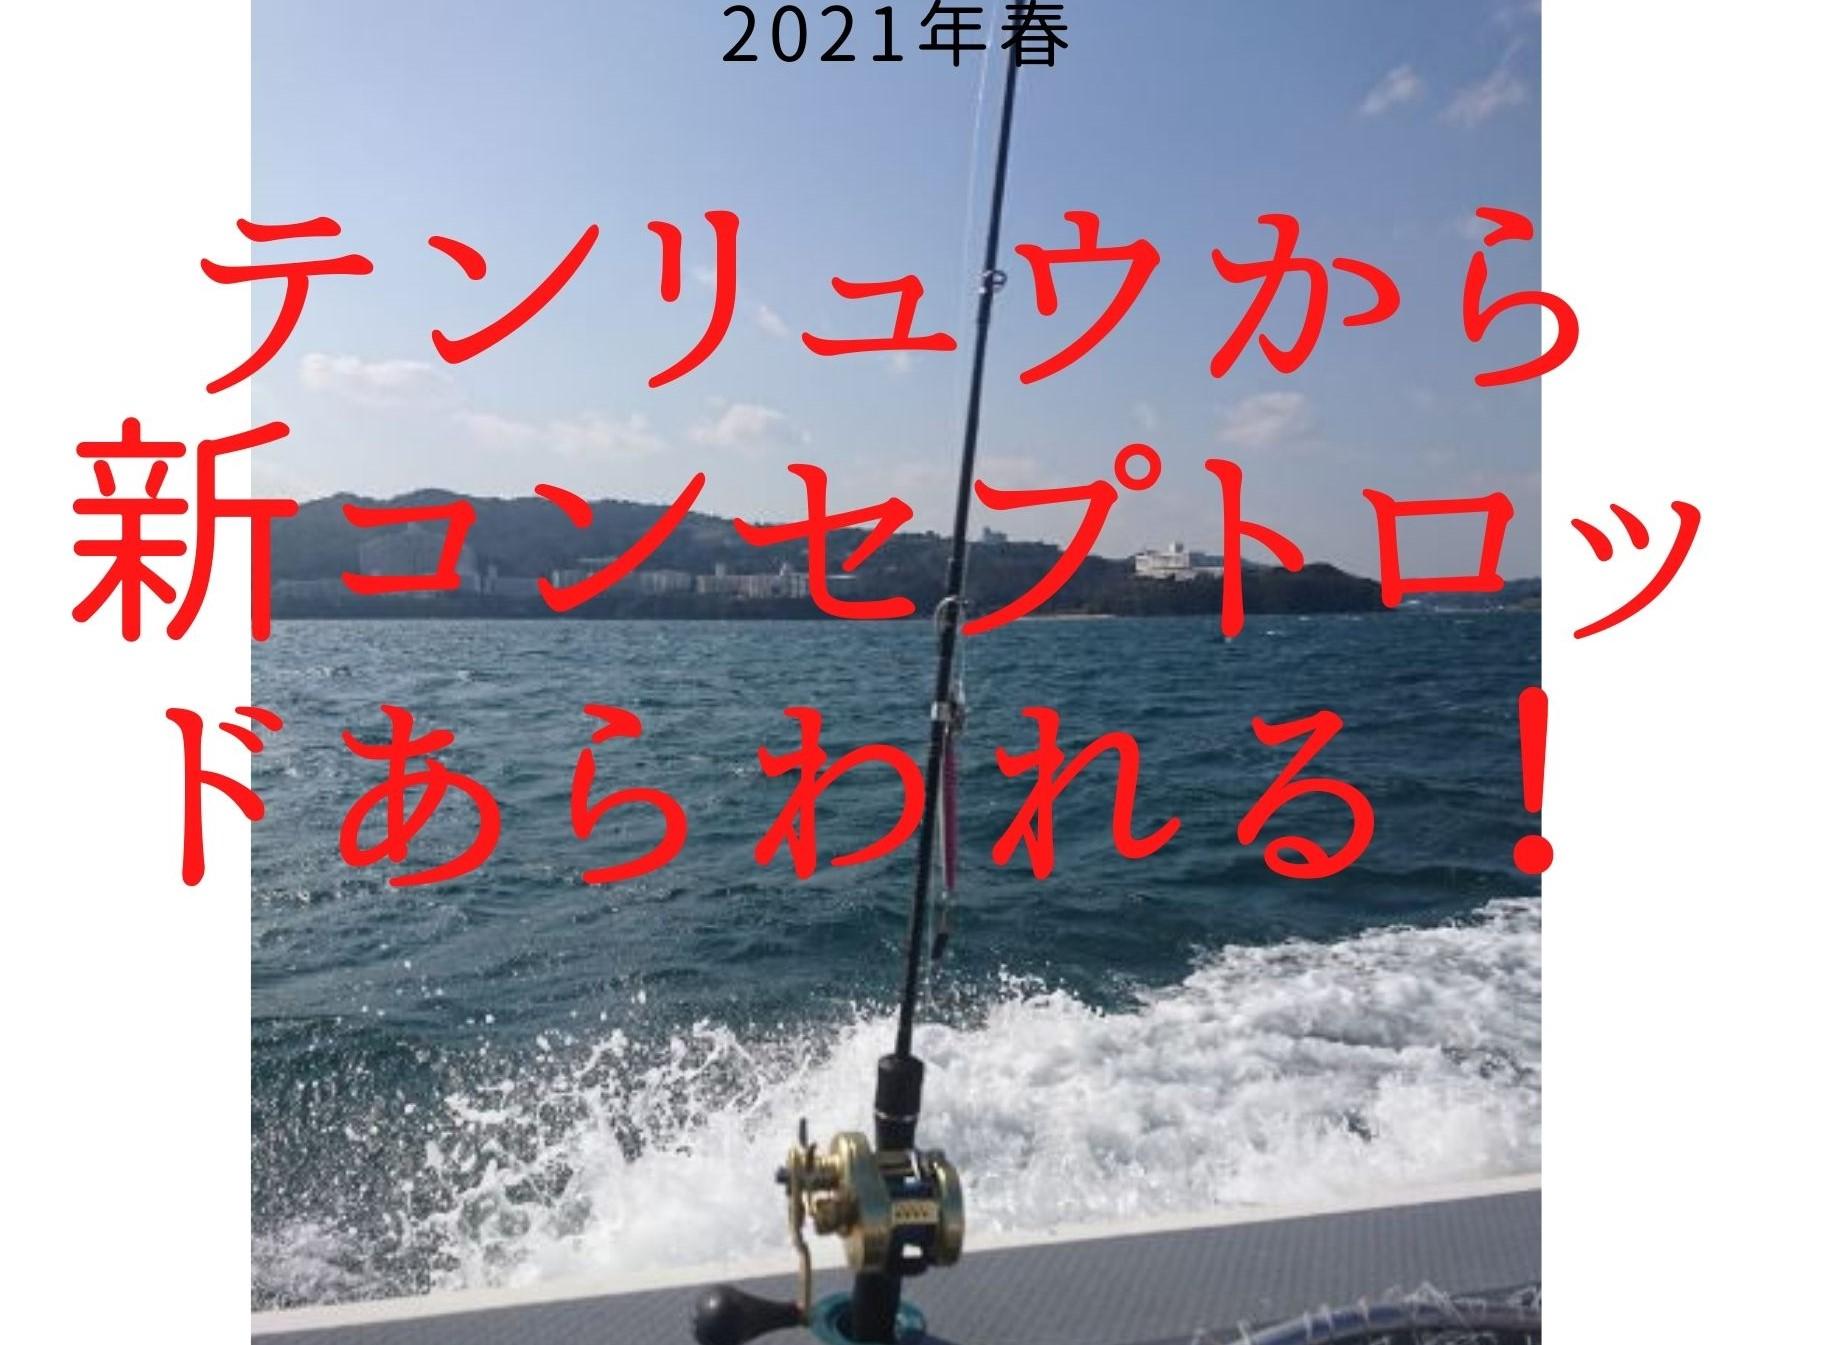 【ホライゾンMJ】は伊勢湾ジギングでは無敵のロッド?!今までにない発想がすごい!